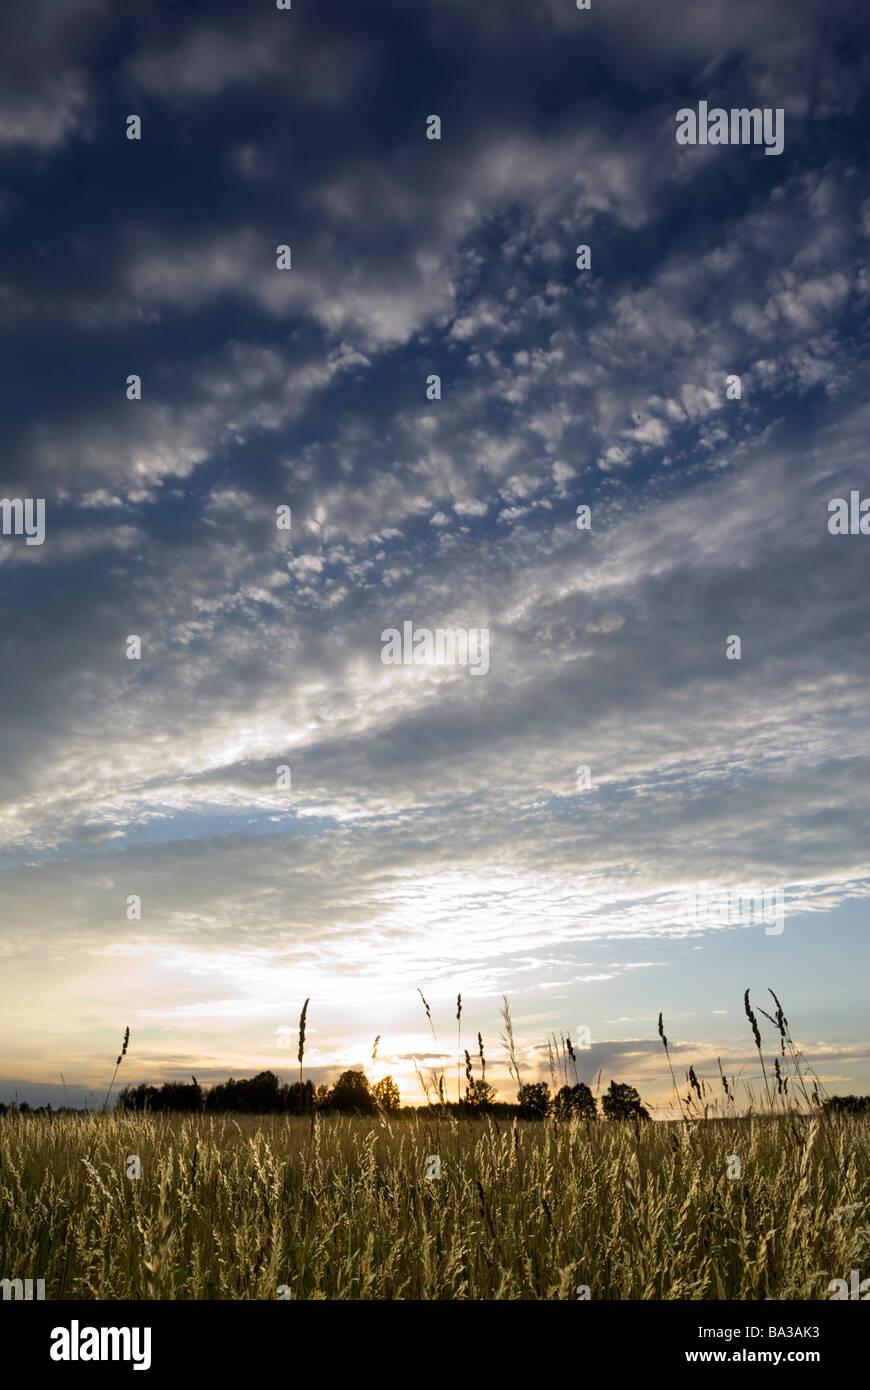 Sol sobre as gramíneas aRGB selvagem Imagens de Stock